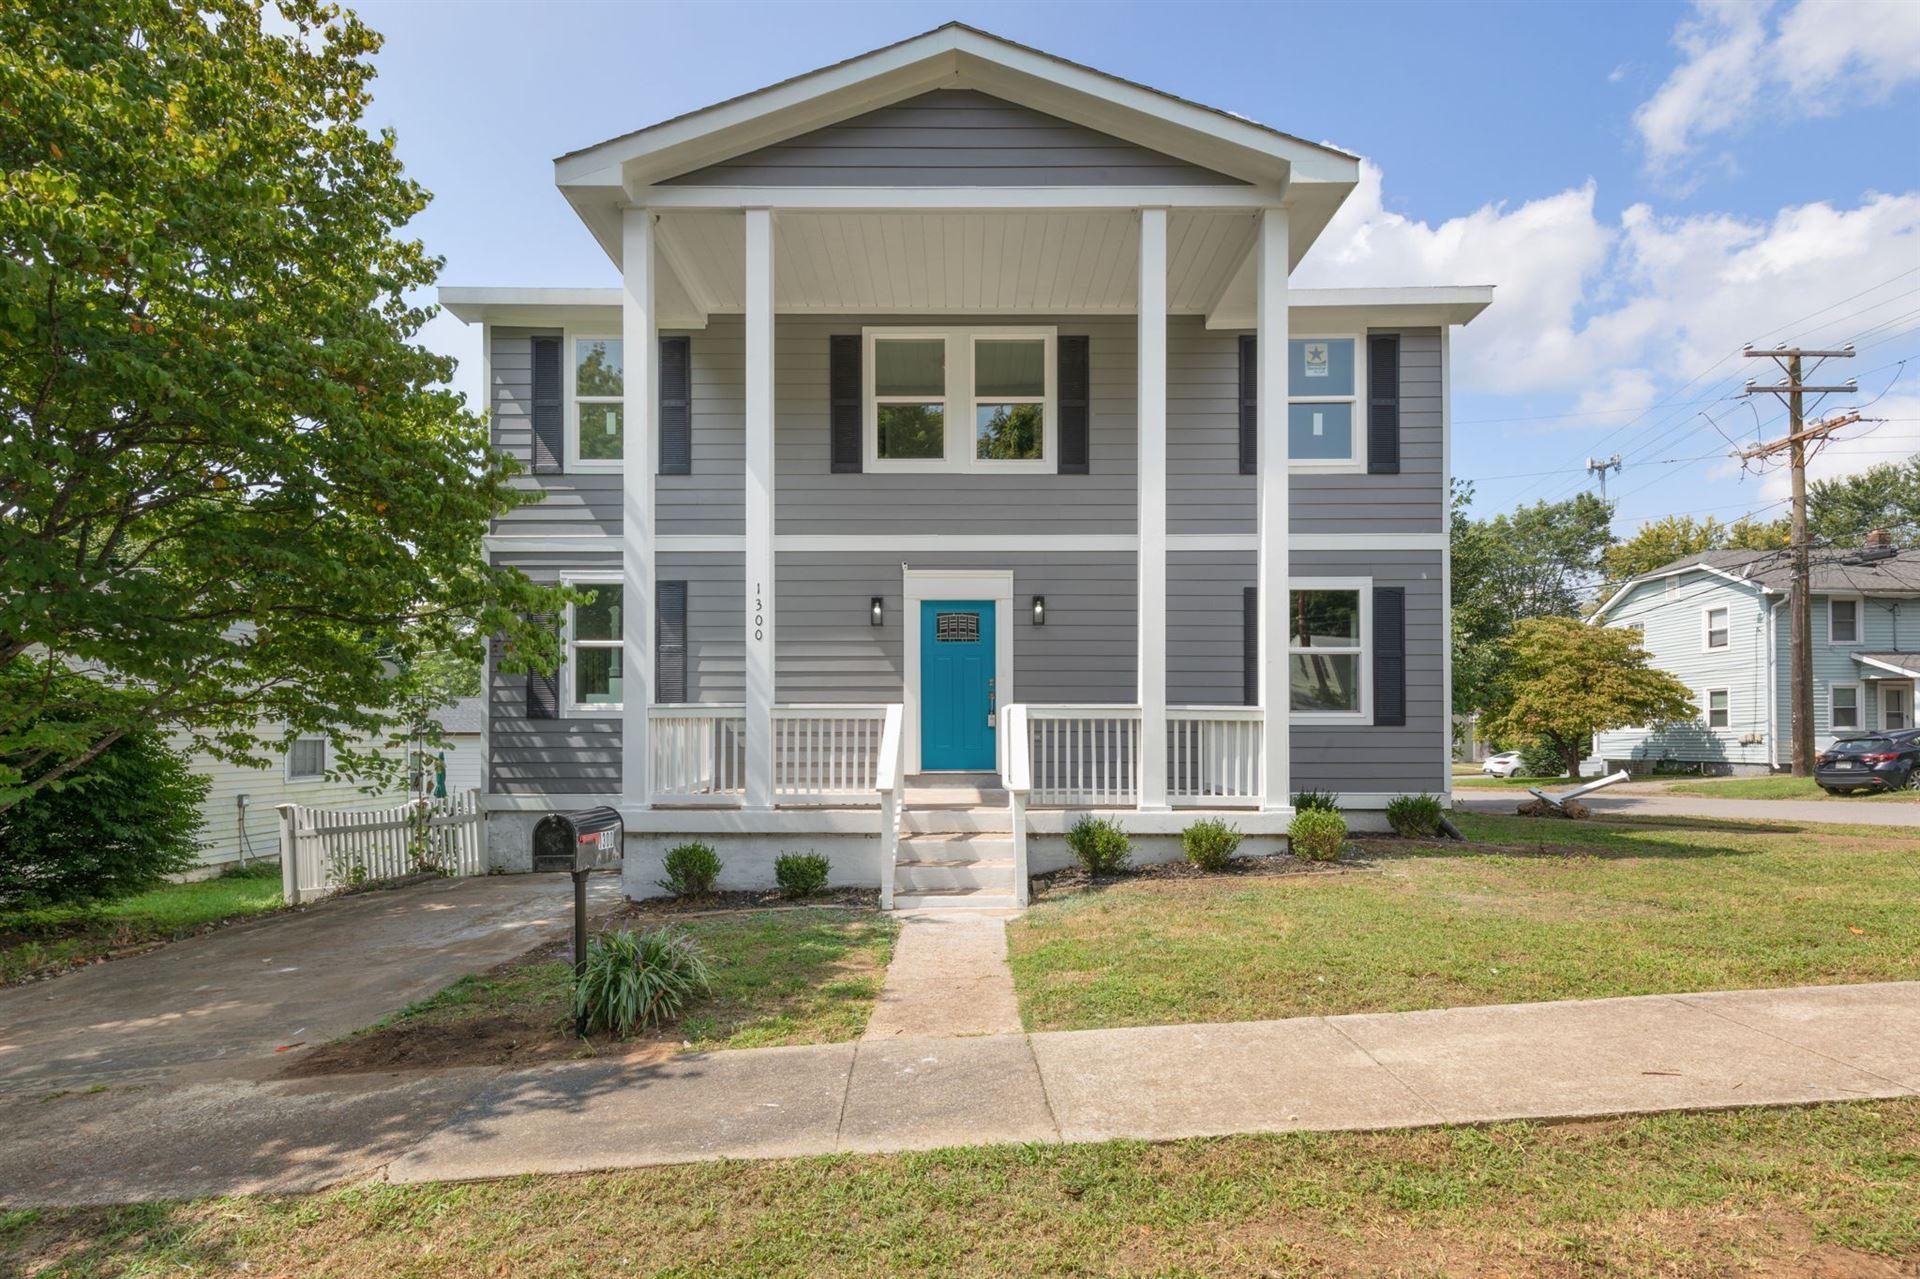 1300 Elliston St, Old Hickory, TN 37138 - MLS#: 2190015